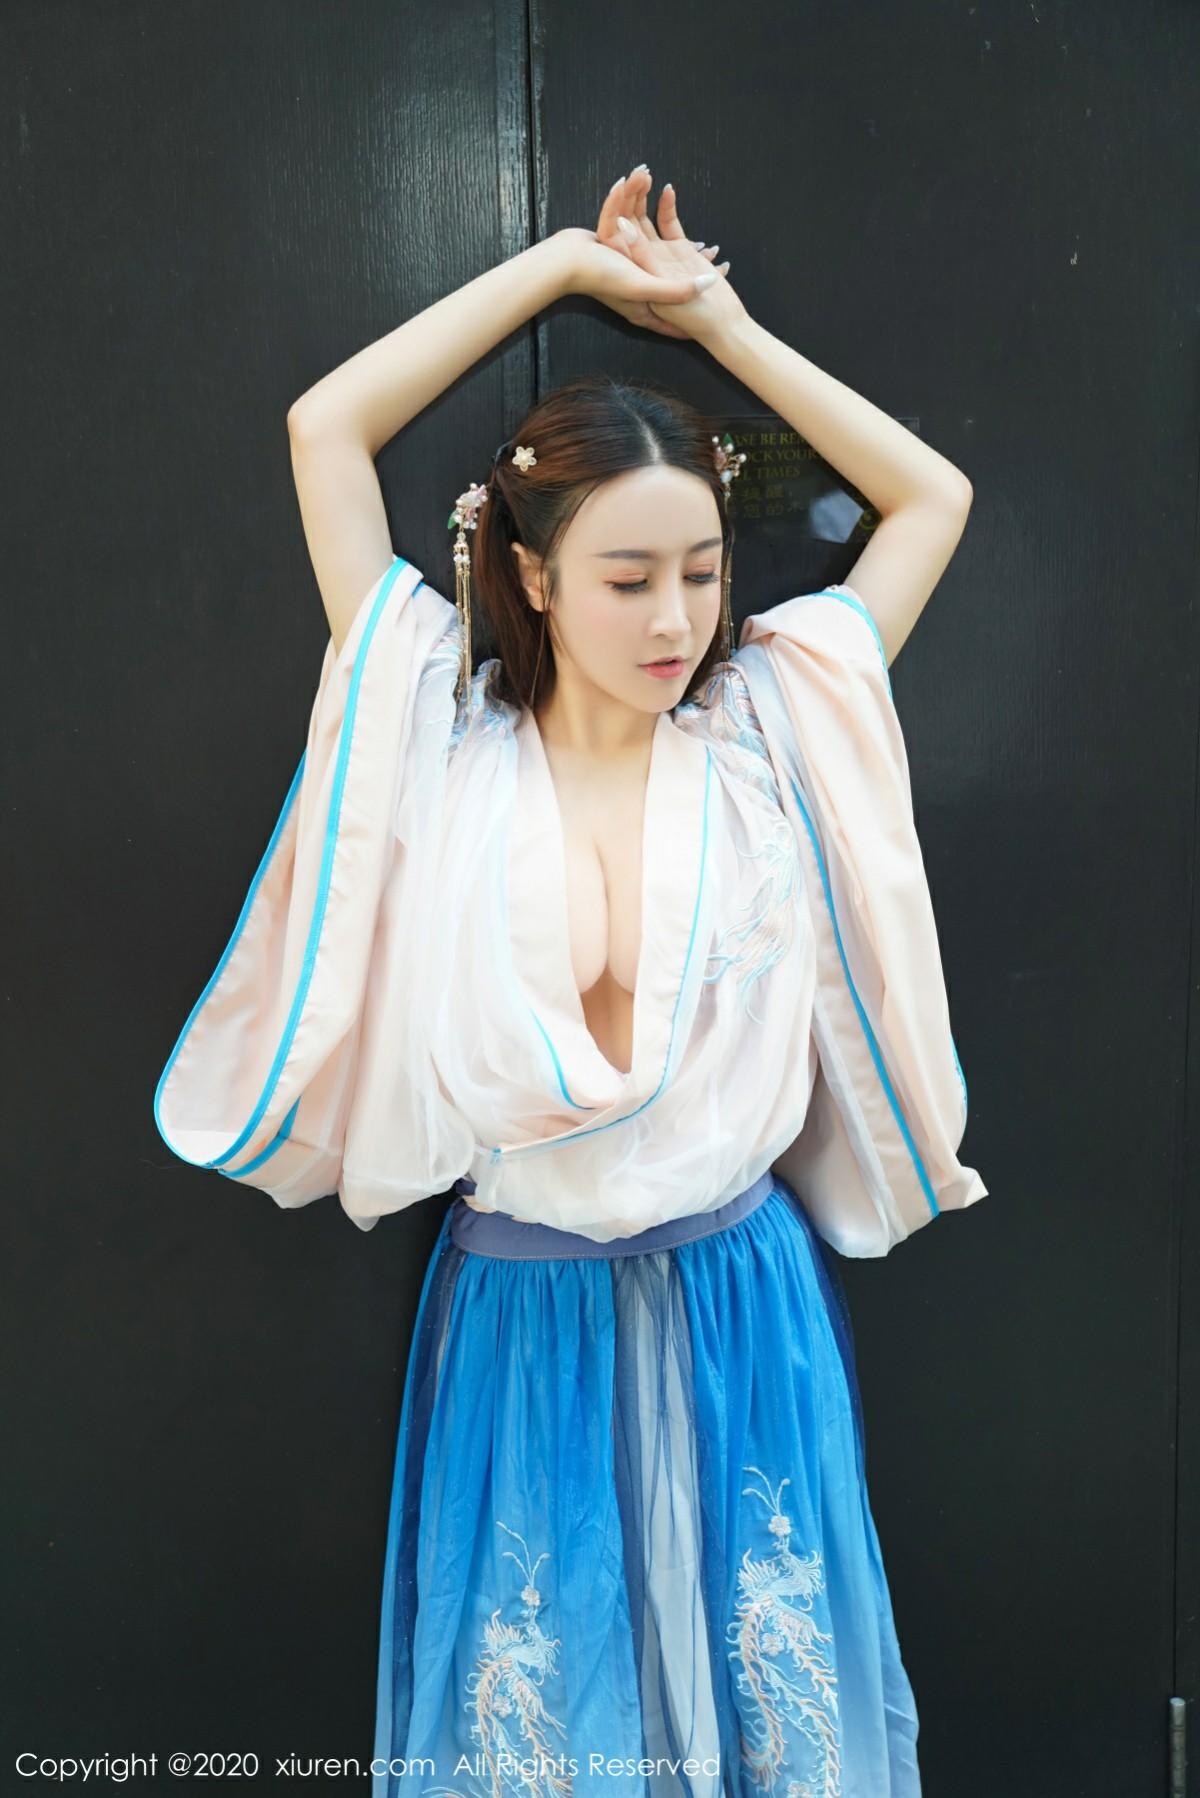 [XiuRen秀人网]2020.02.18 No.1983 周井空[41P] 秀人网 第1张